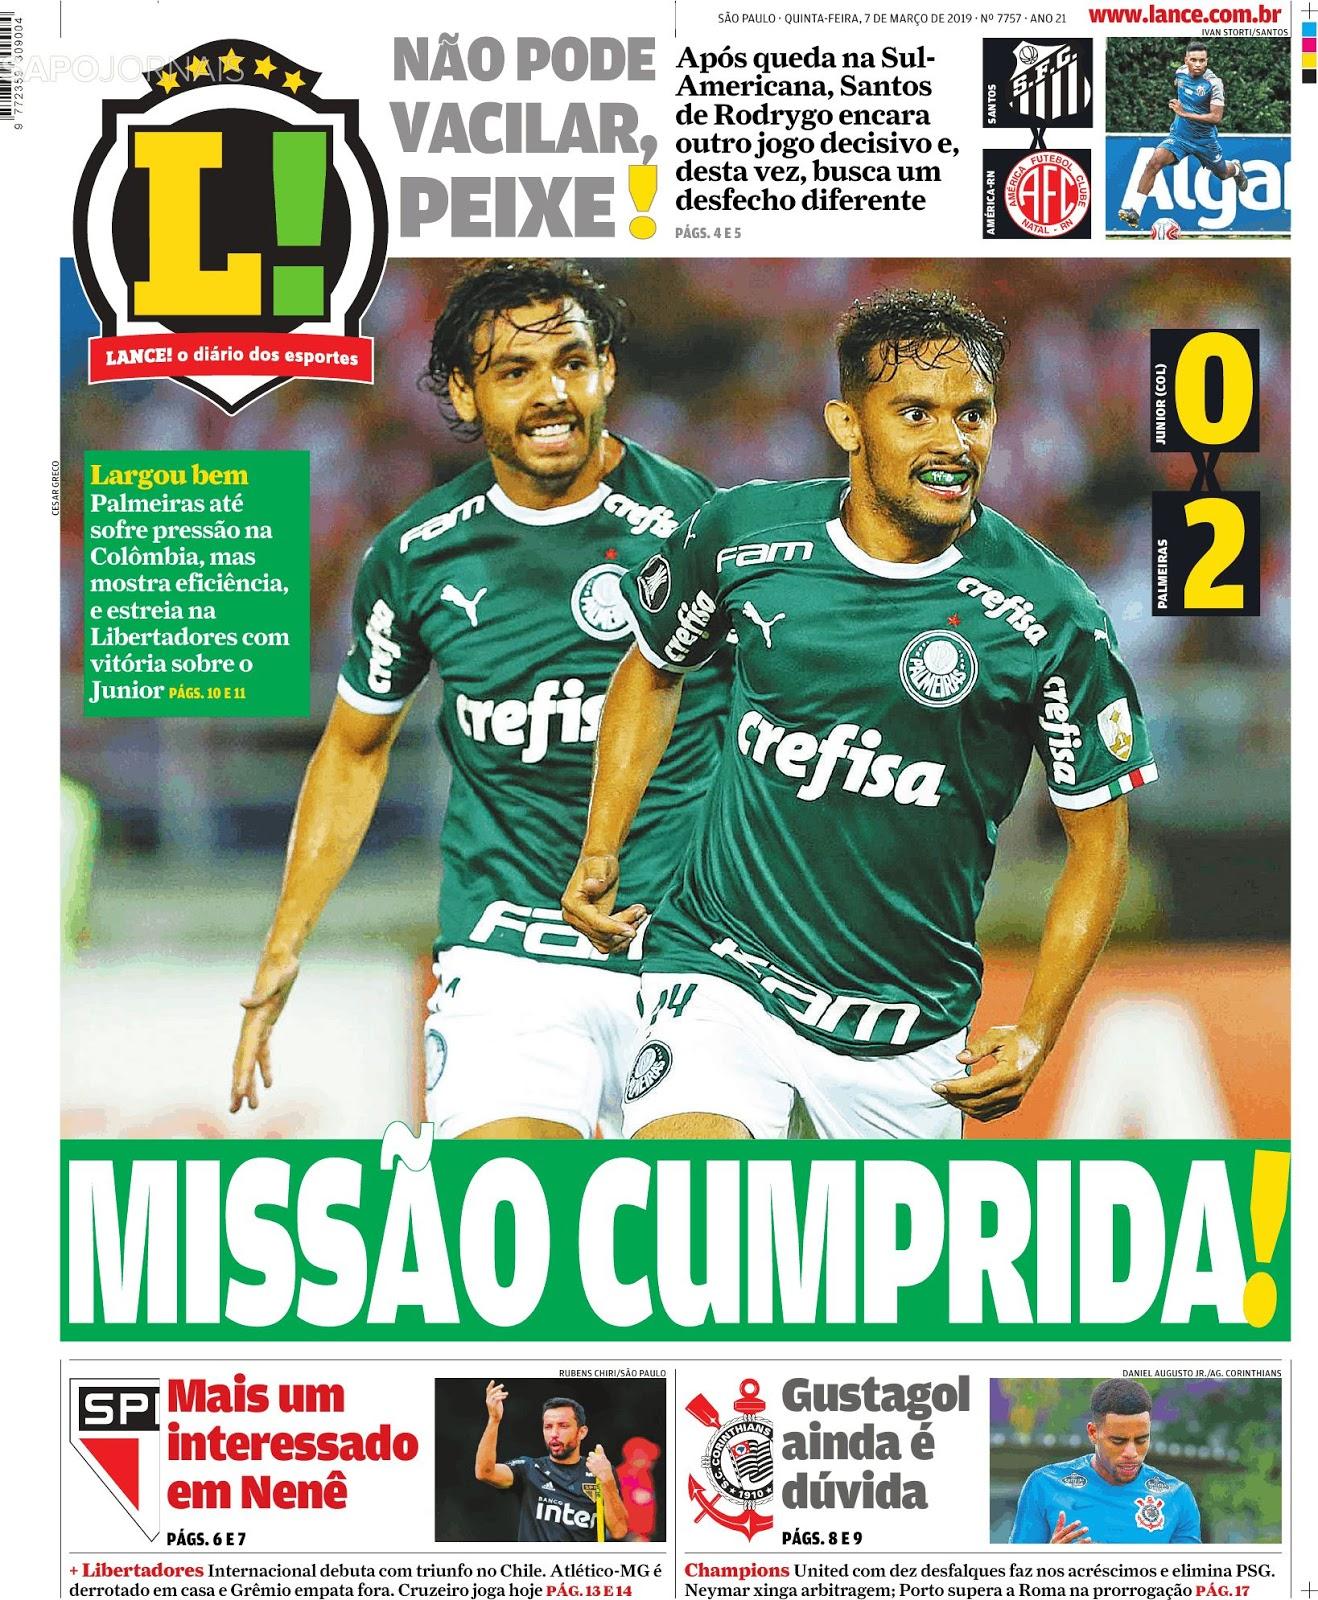 992548095d962 Espresso ⚽ A vitória não pode mascarar a necessidade de evolução do  Palmeiras